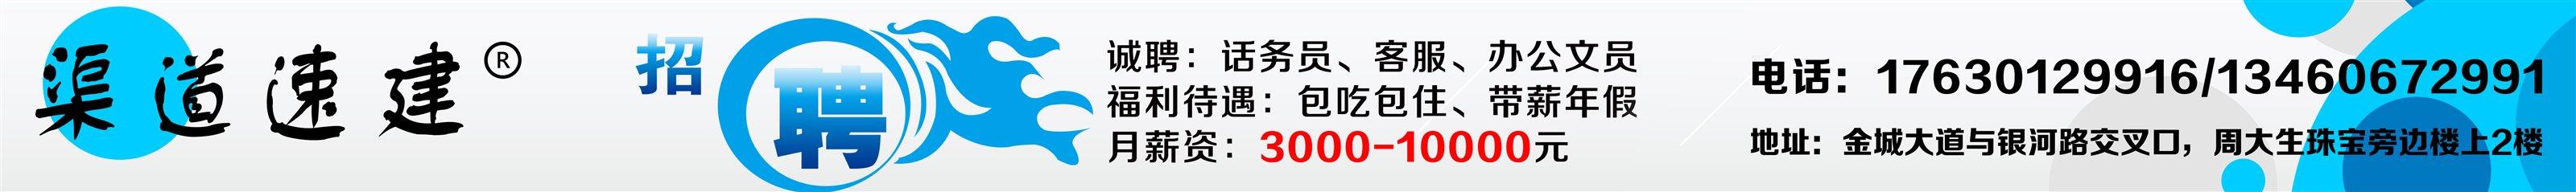 杞縣渠道速建網絡有限公司